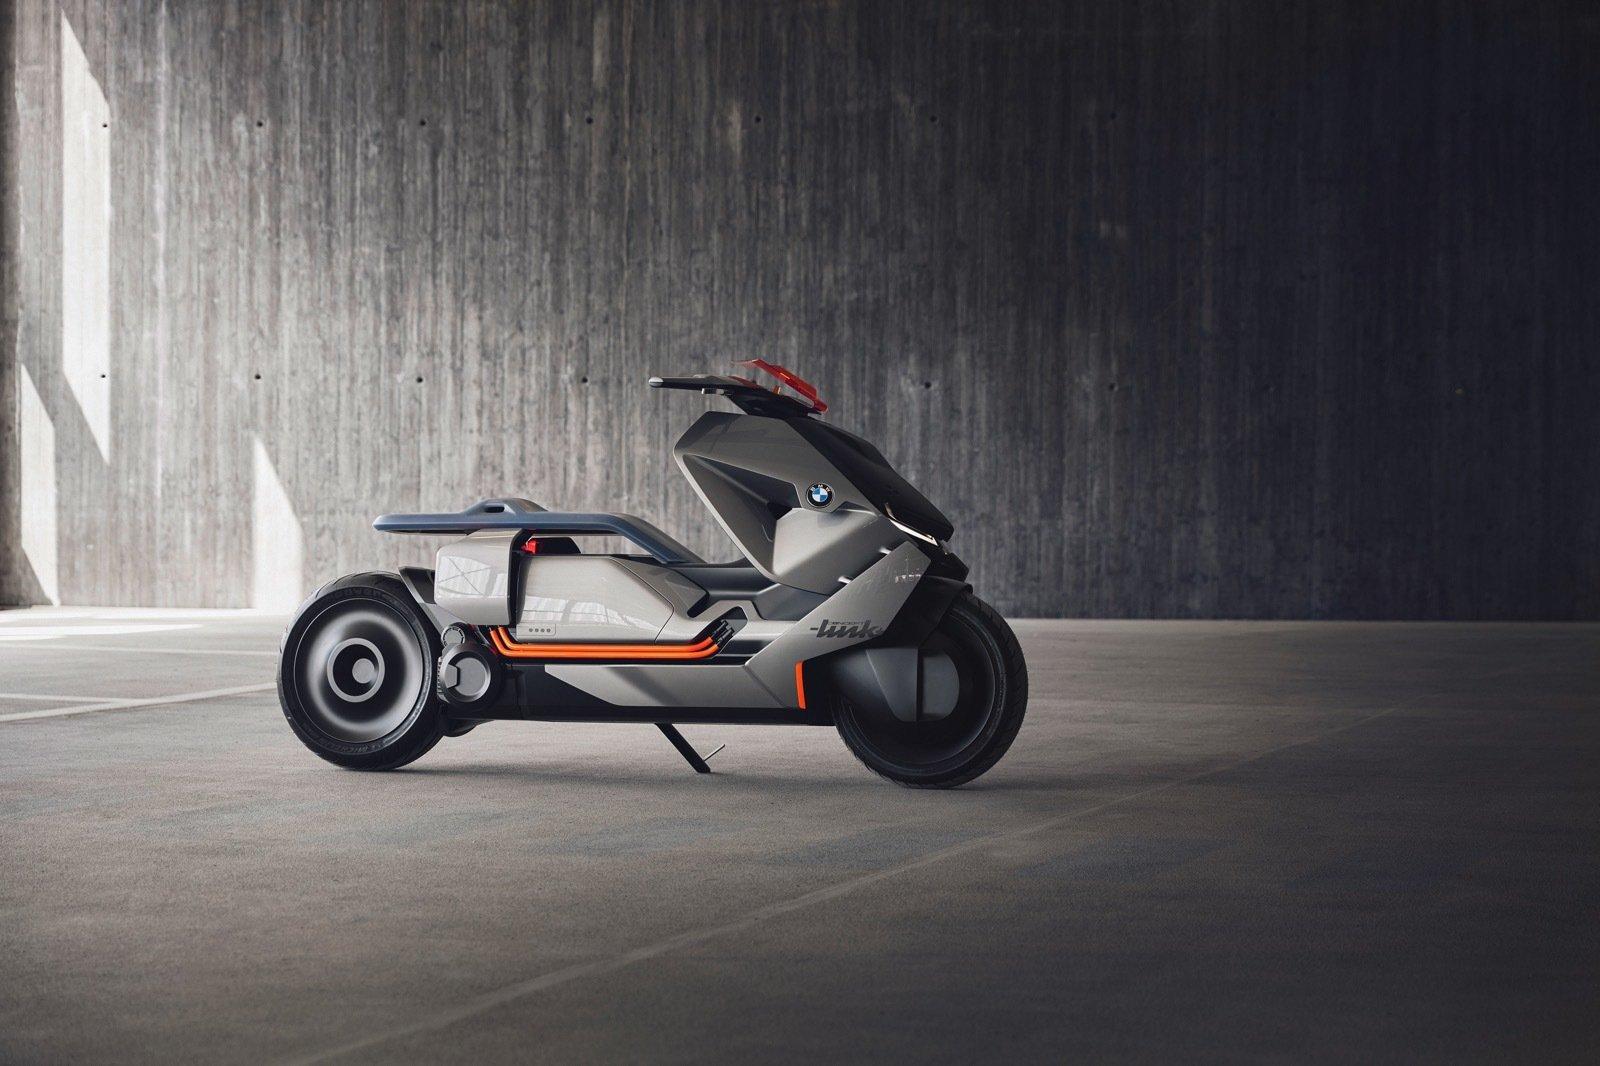 BMW'den Fütüristik Teknolojilere Sahip Motosiklet